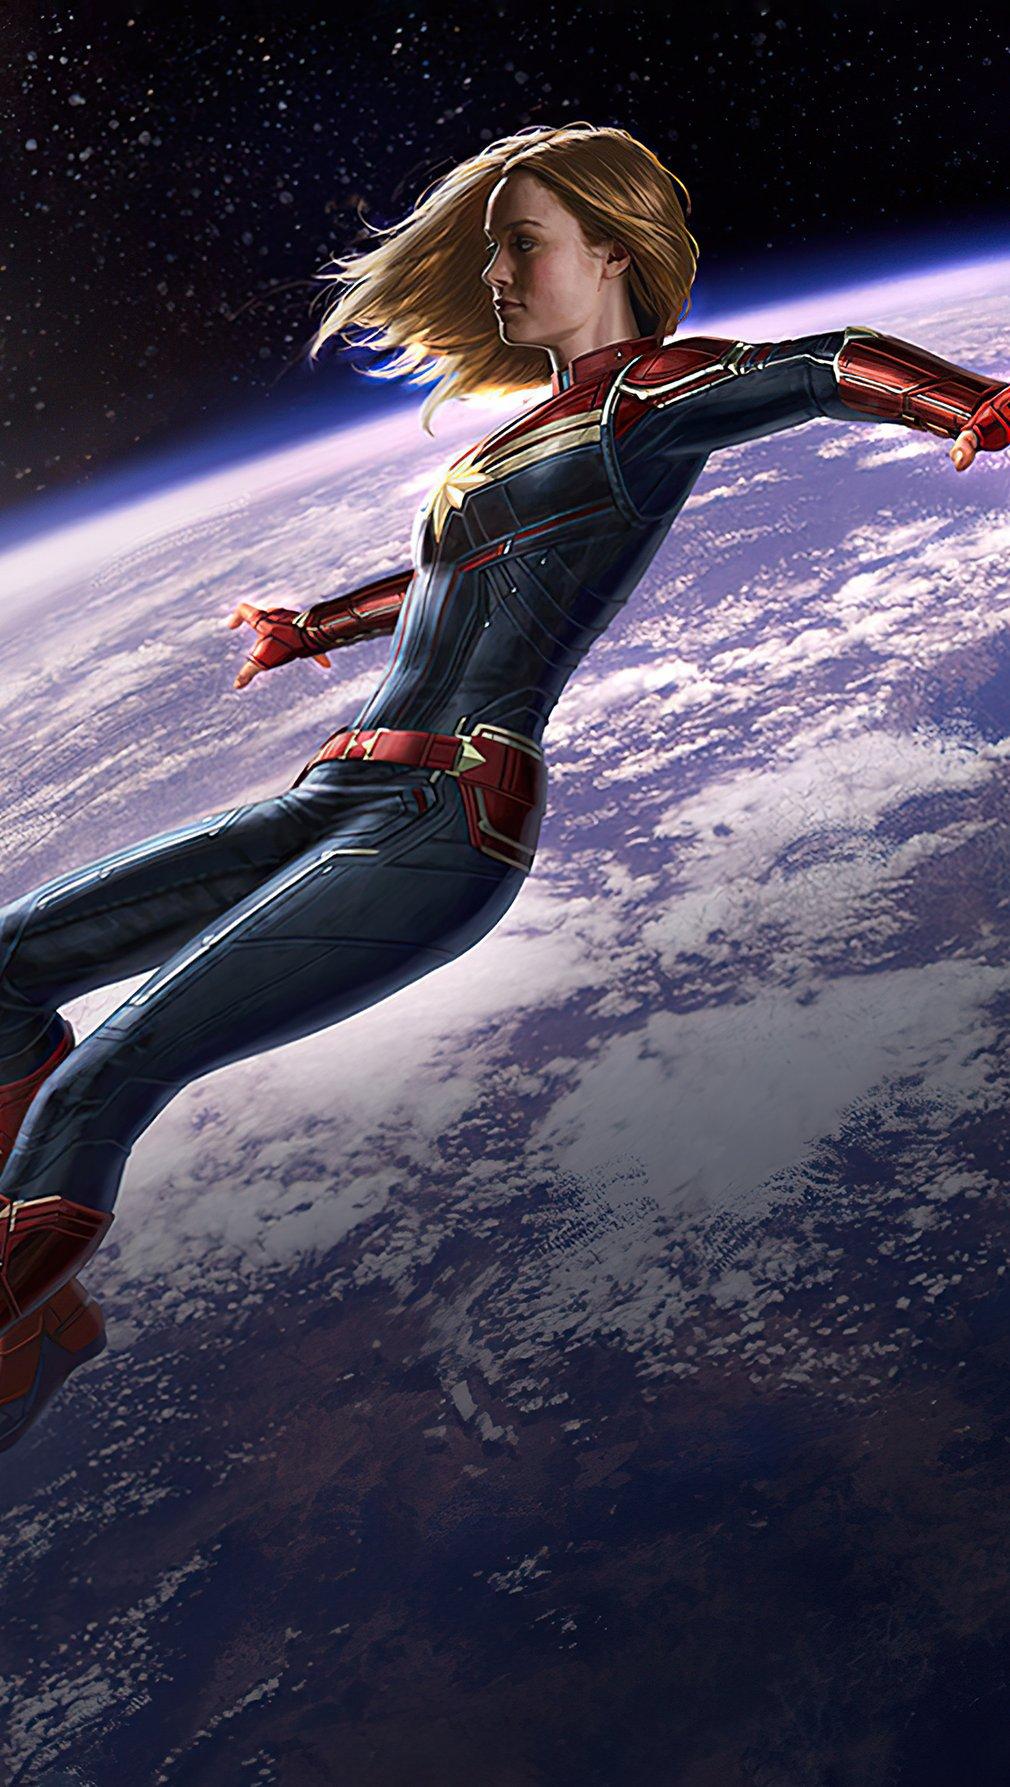 Fondos de pantalla Capitana Marvel fuera de la tierra Vertical